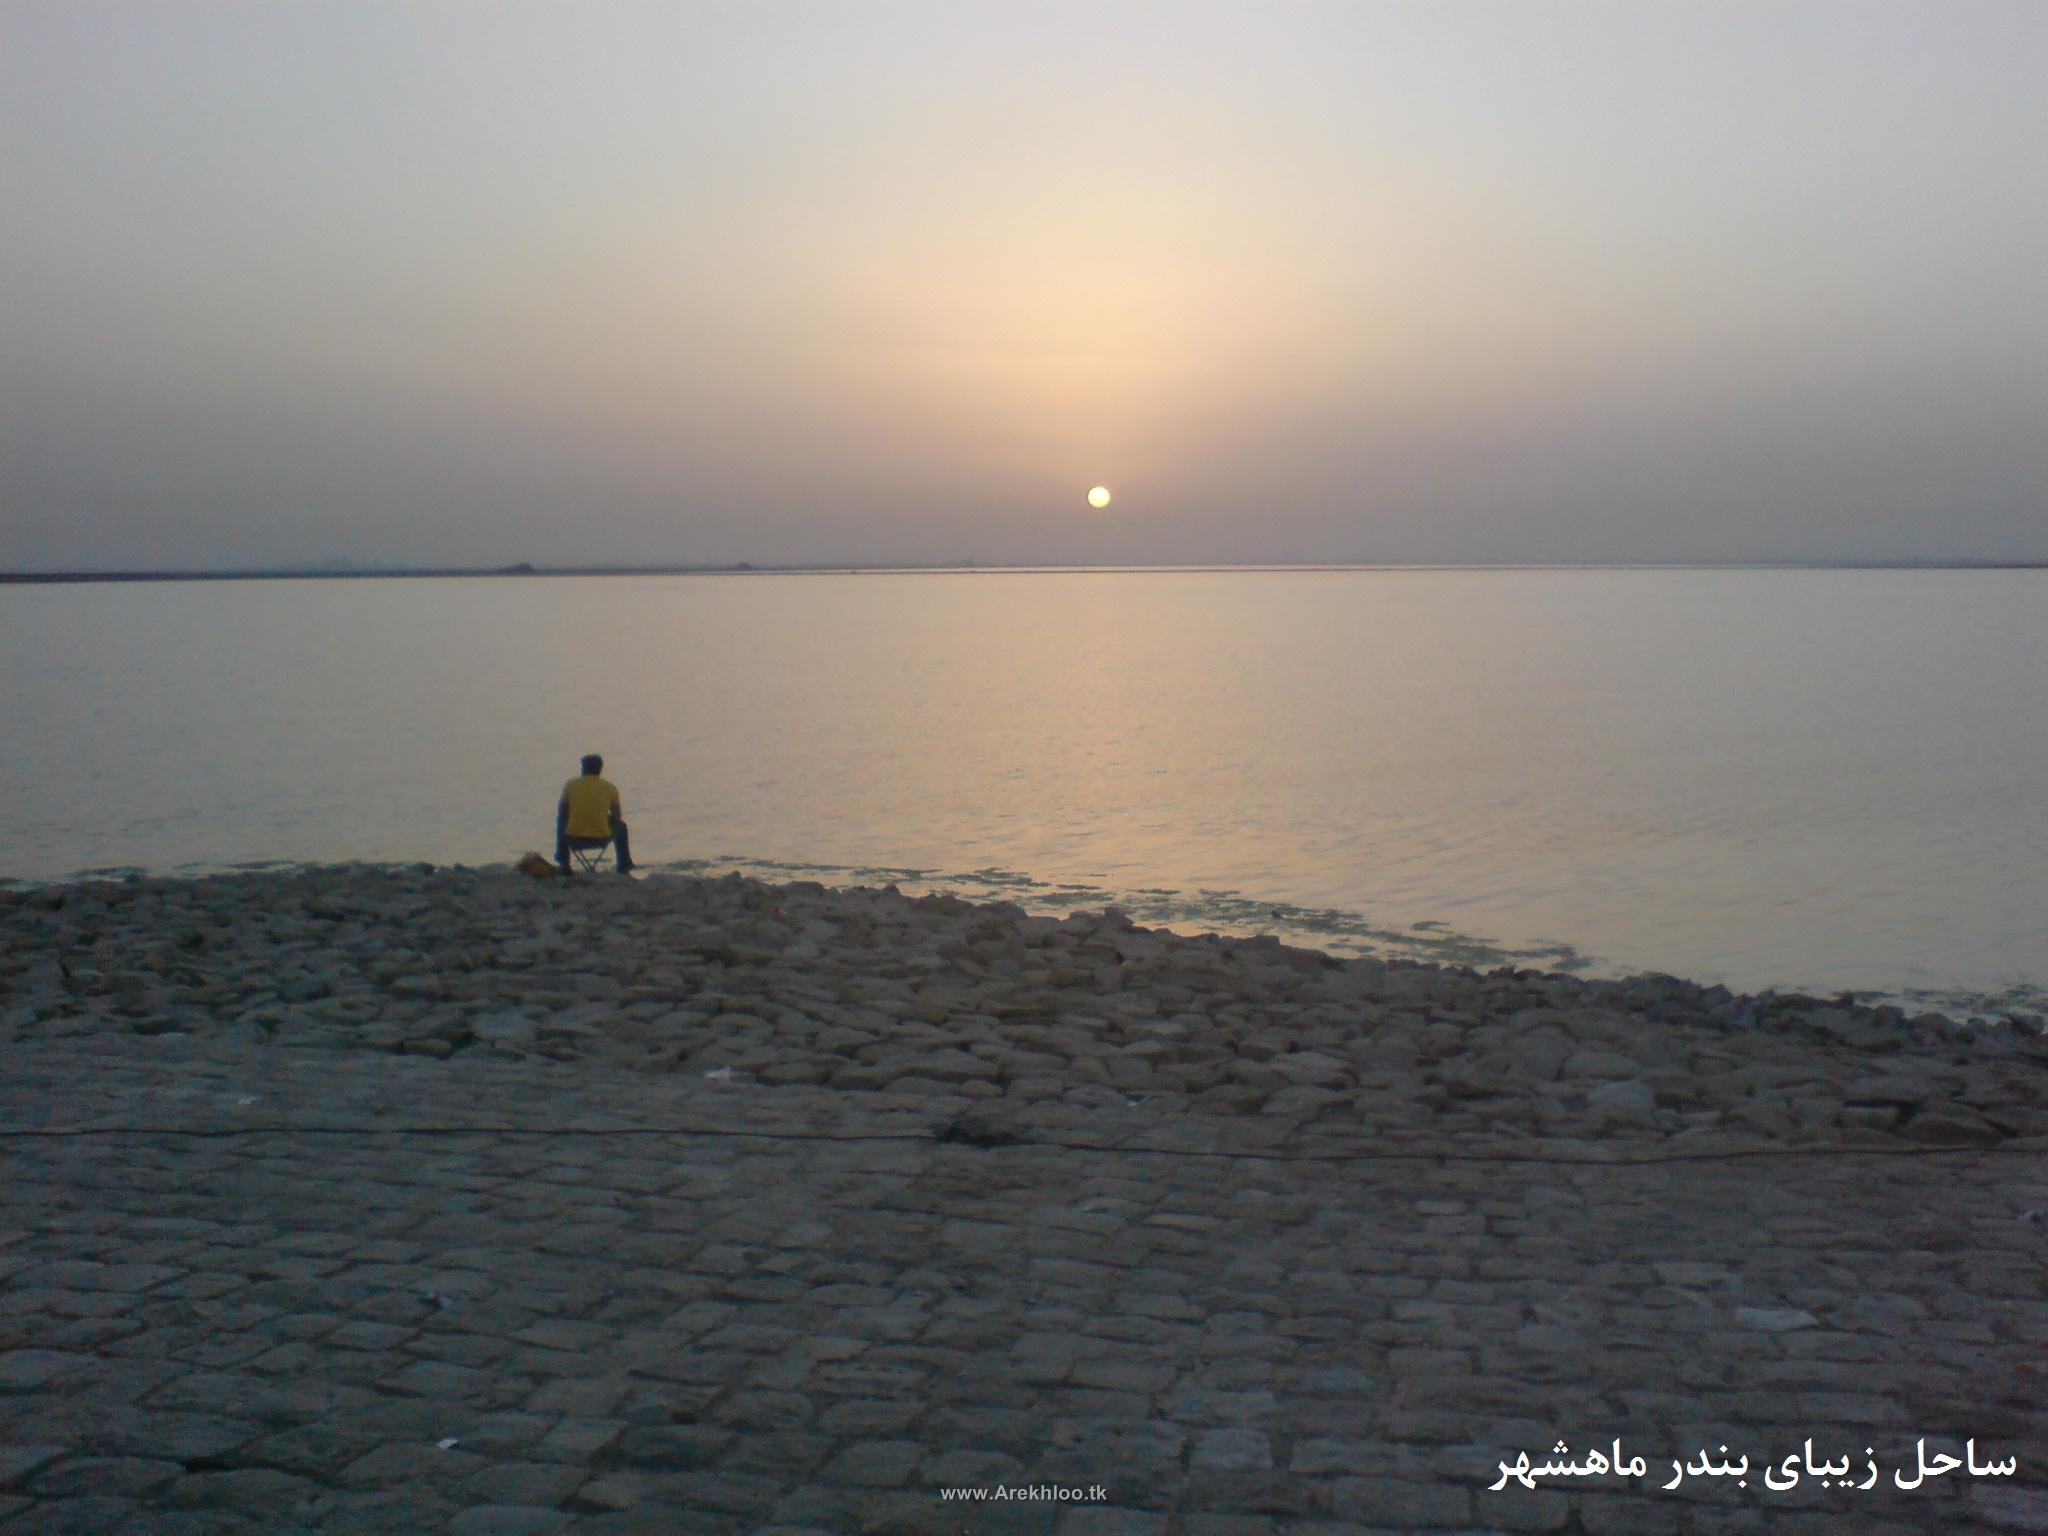 ساحل زیبای بندر ماهشهر